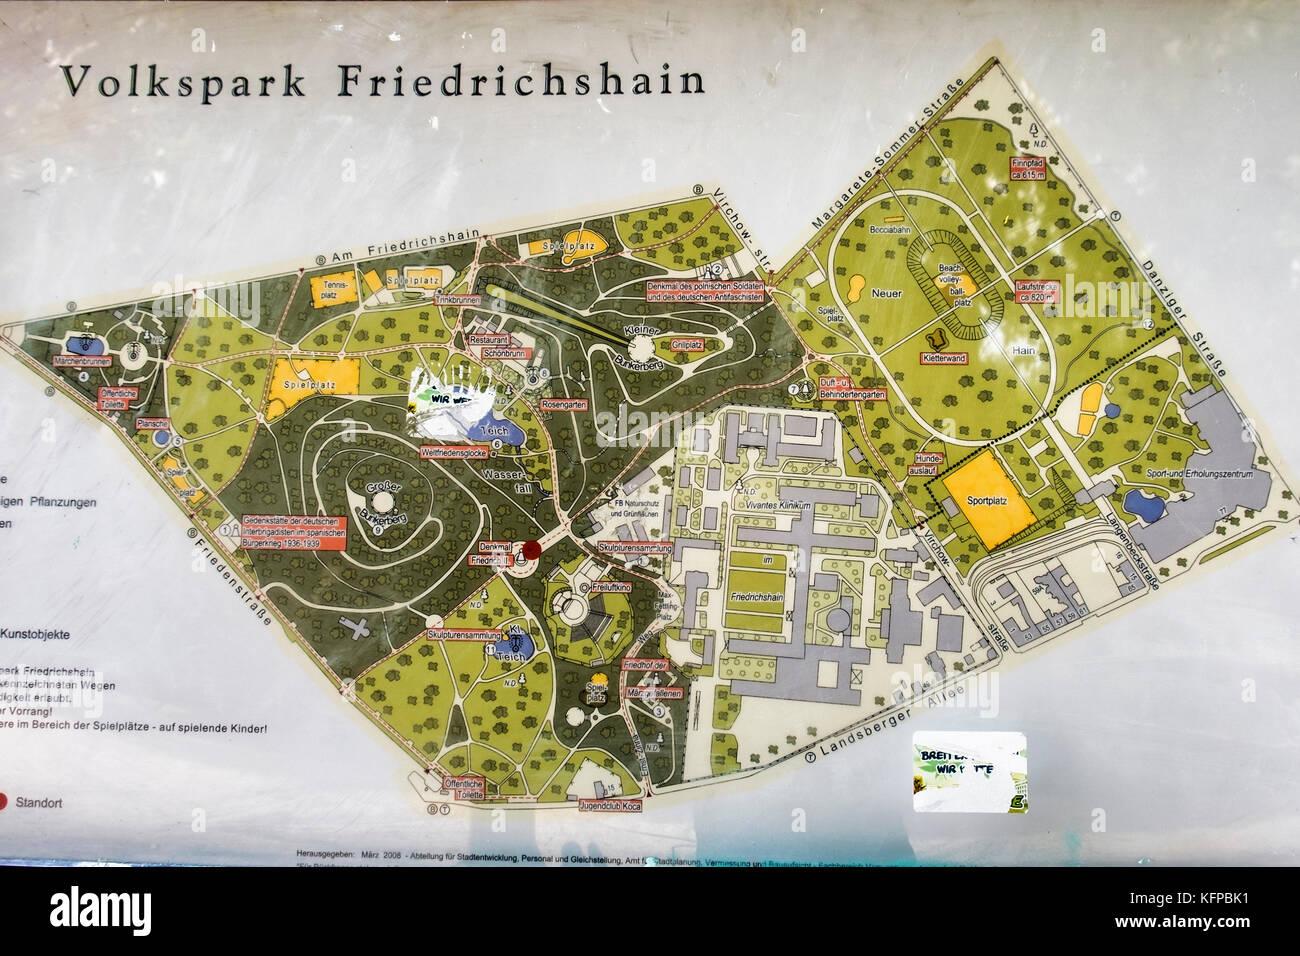 Berlin volkspark priedrichshain, parco pubblico. vecchio mappa che mostra la disposizione dei park Immagini Stock